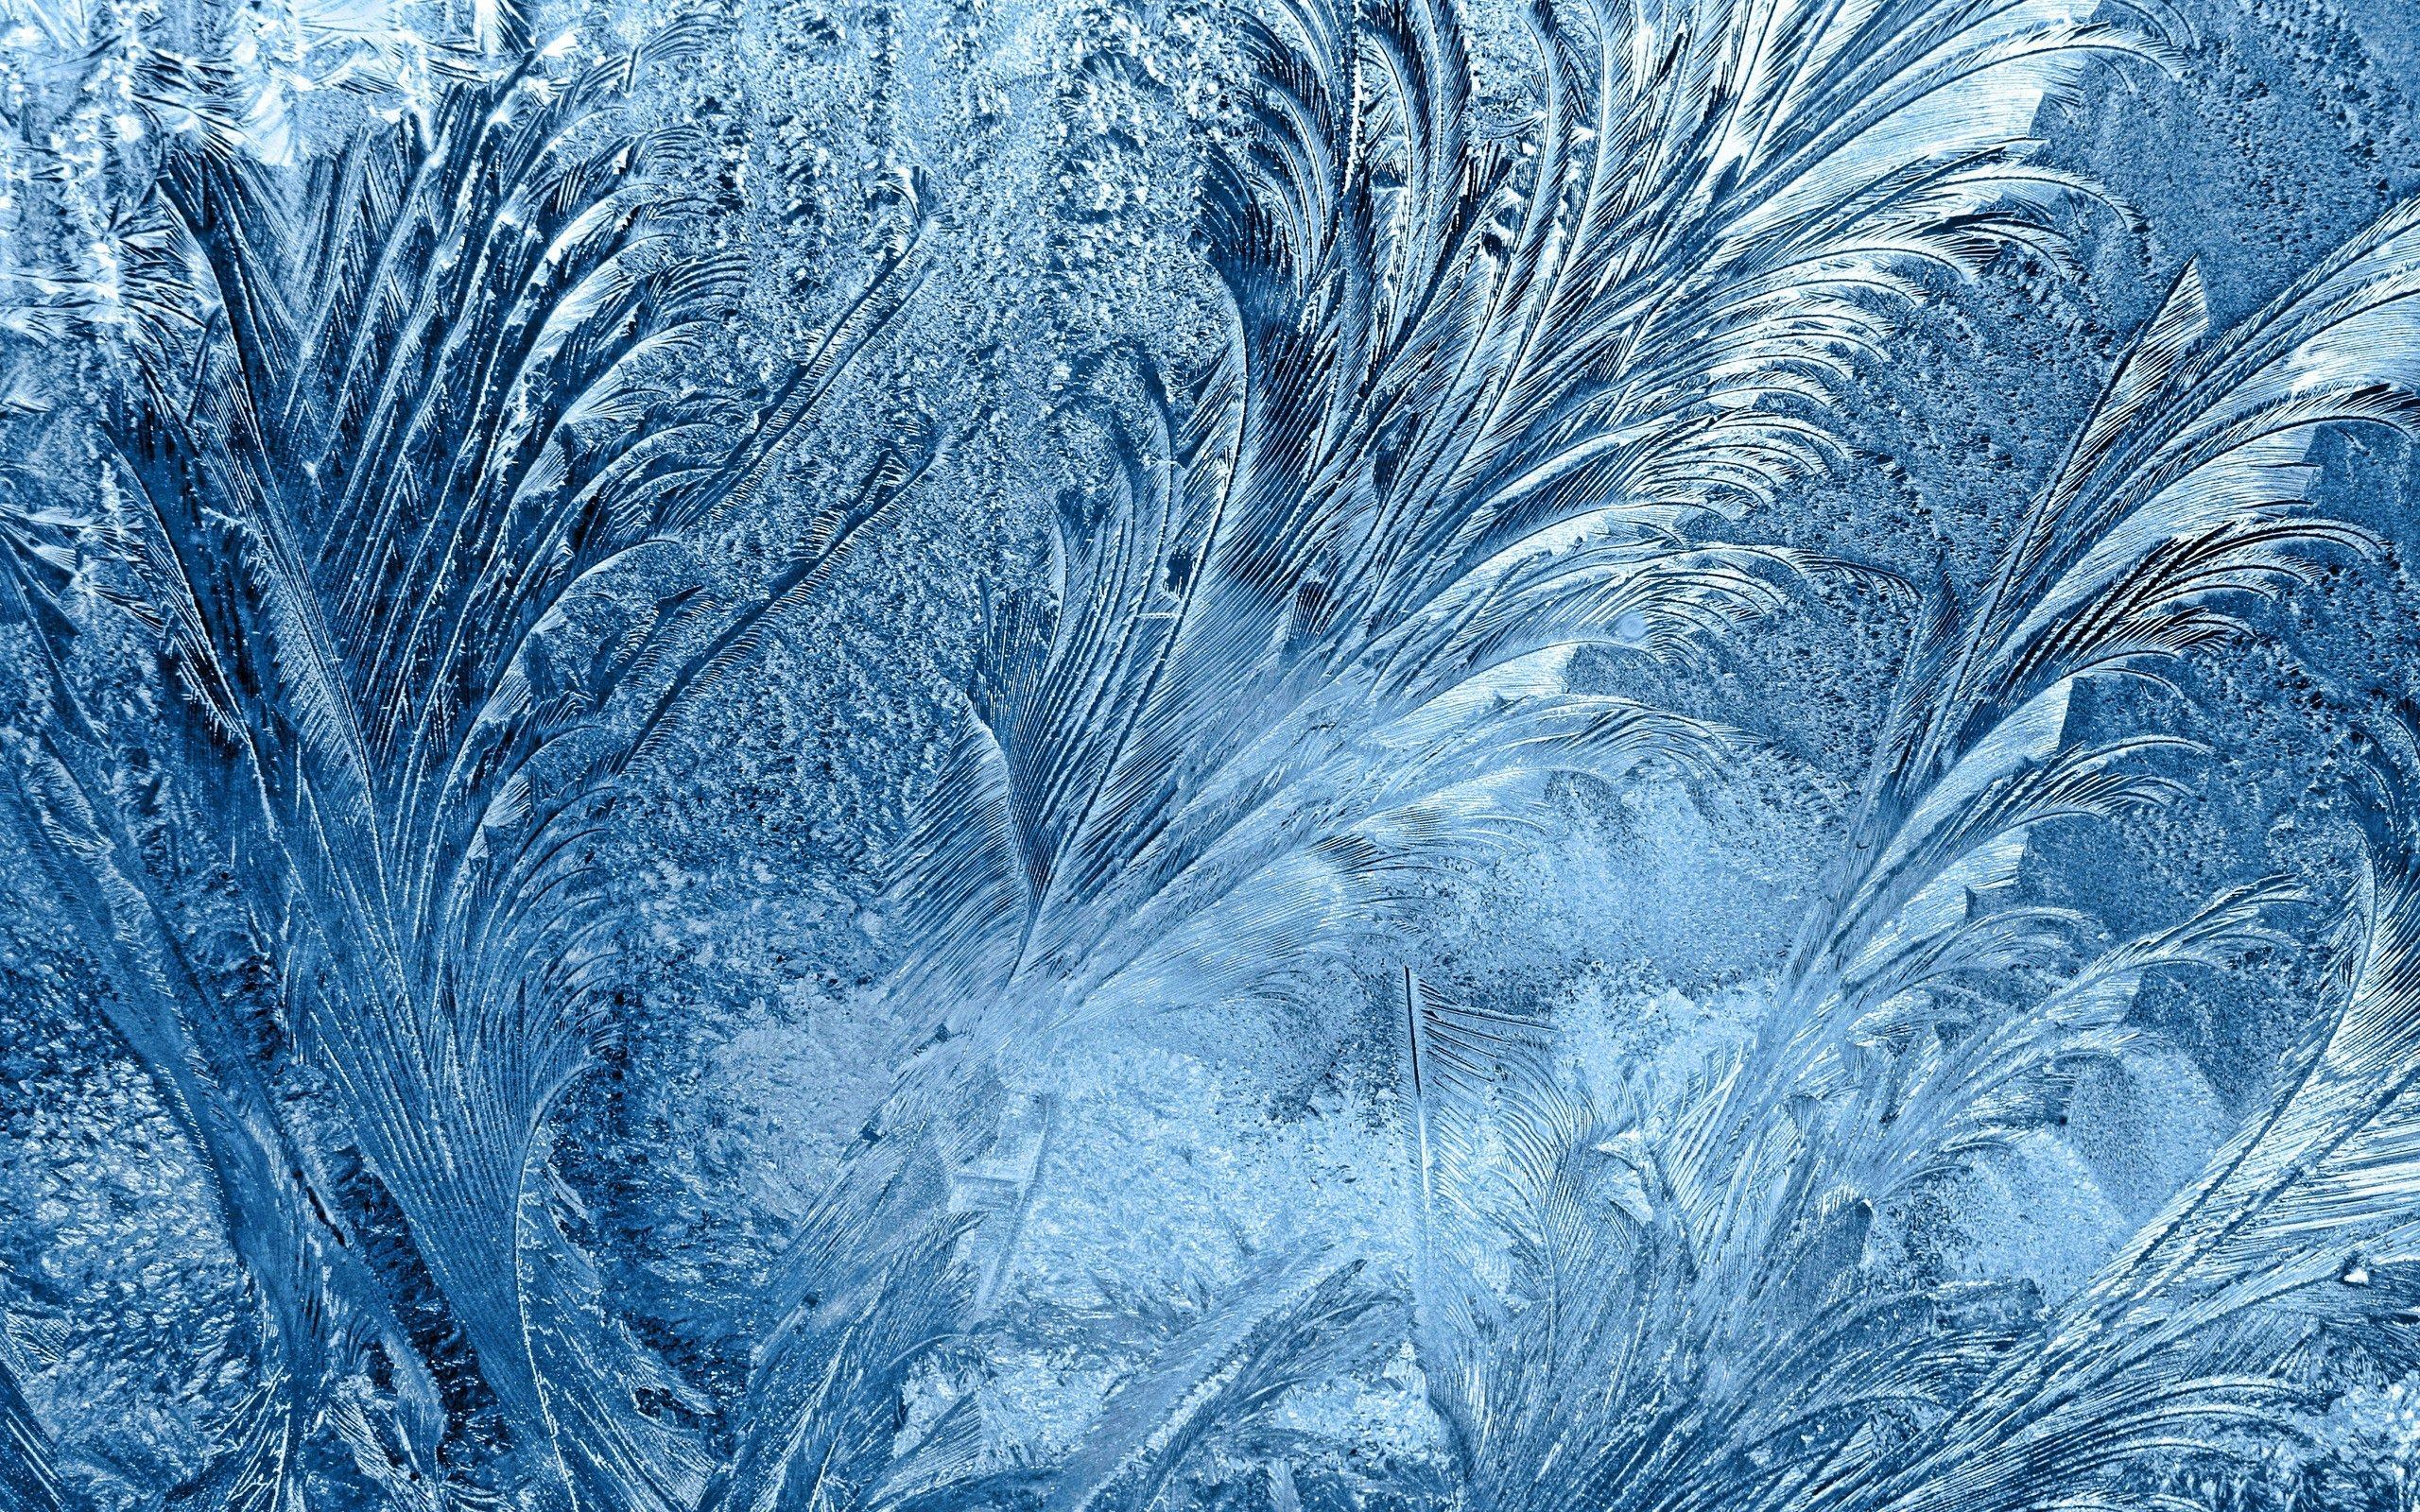 Frost Wallpaper 3d Hd Desktop Wallpapers 4k Hd